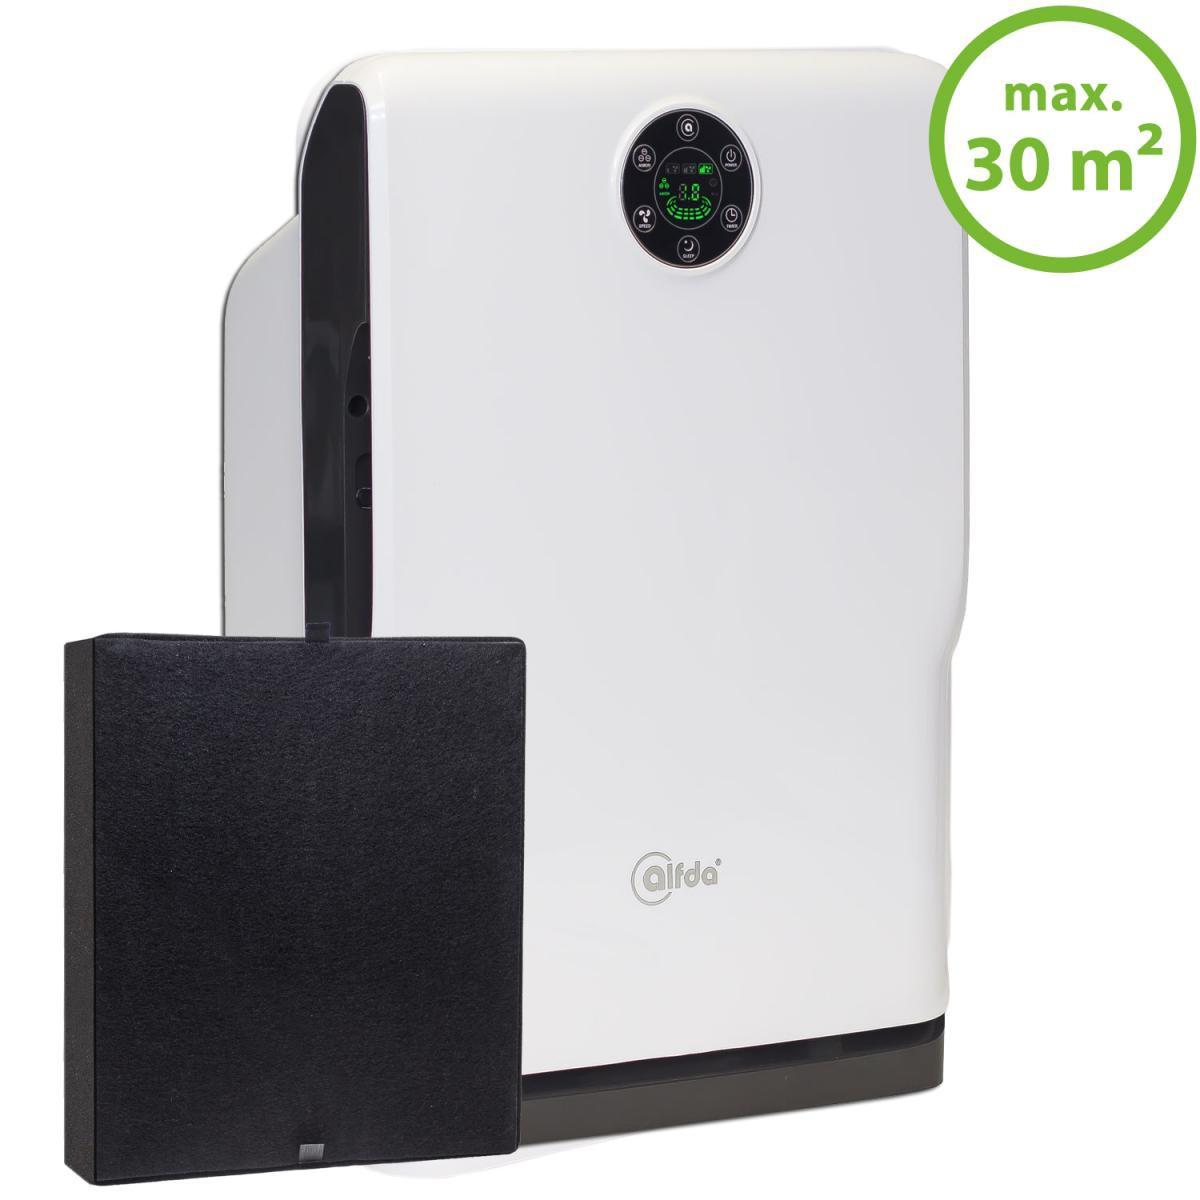 Oczyszczacz powietrza ALFDA ALR 160 (do 30 m2)